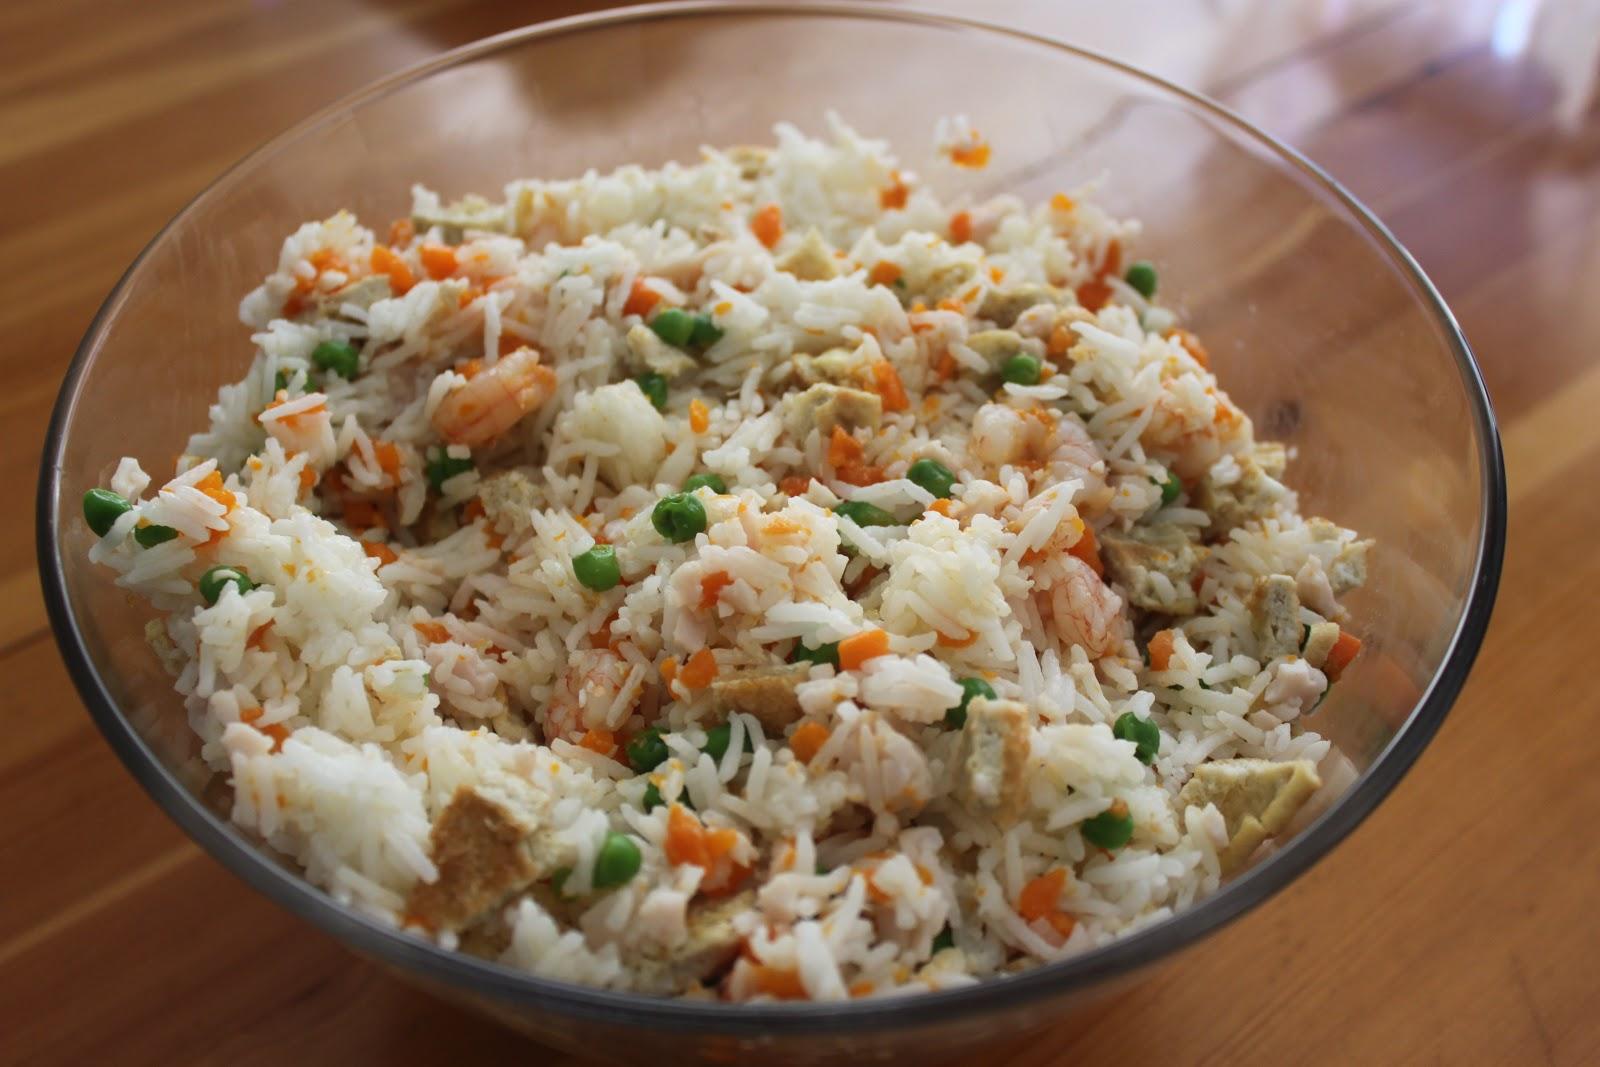 Cocina boquerona arroz 3 delicias for Cocinar arroz 3 delicias